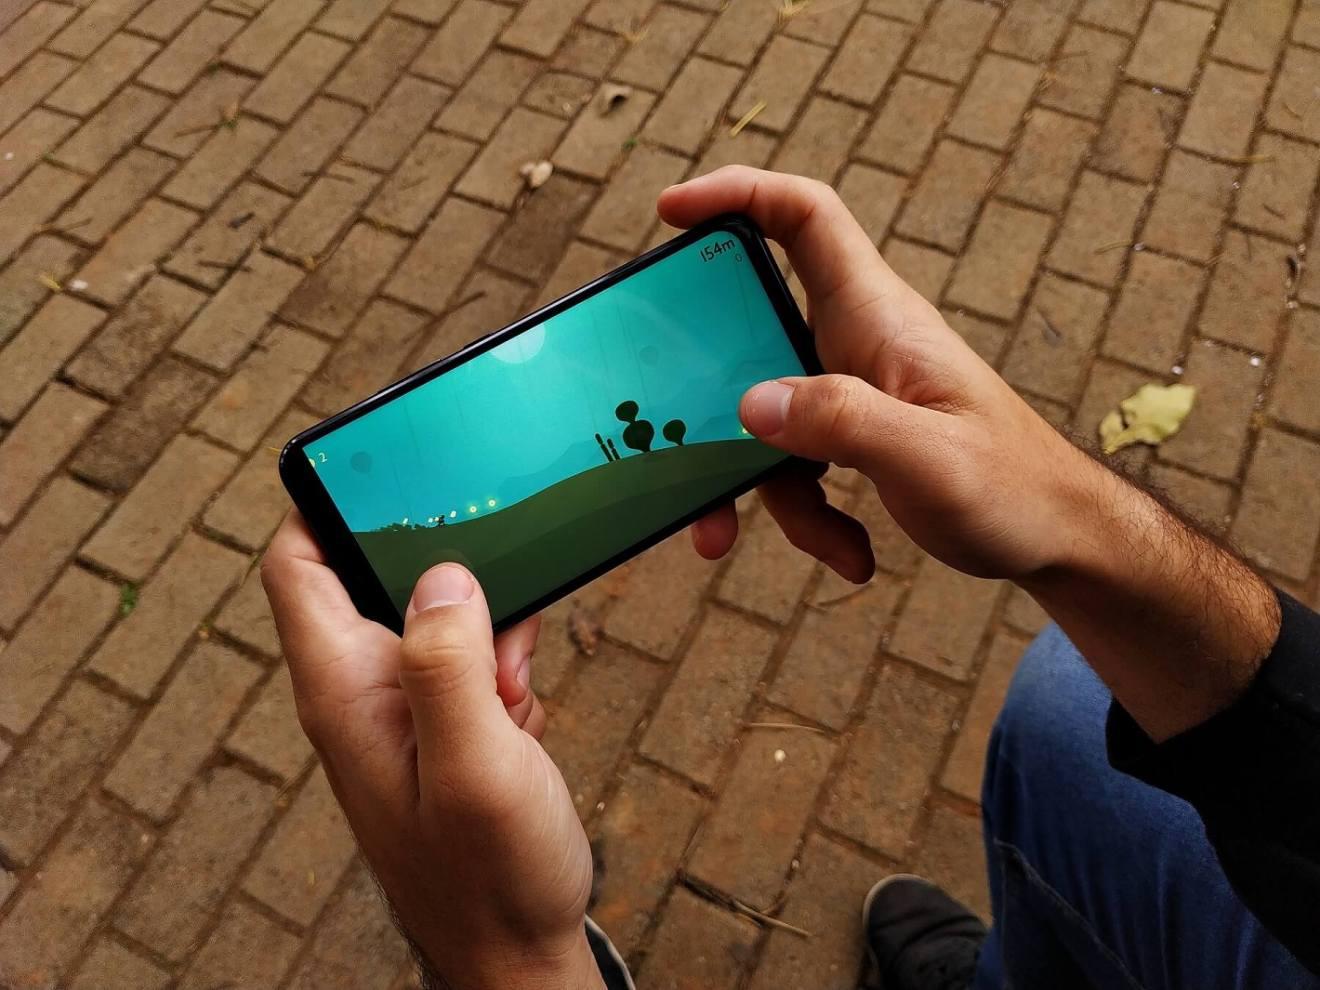 IMG 20180815 162646 1 - Review: Zenfone 5, o smartphone mais ambicioso já lançado pela Asus